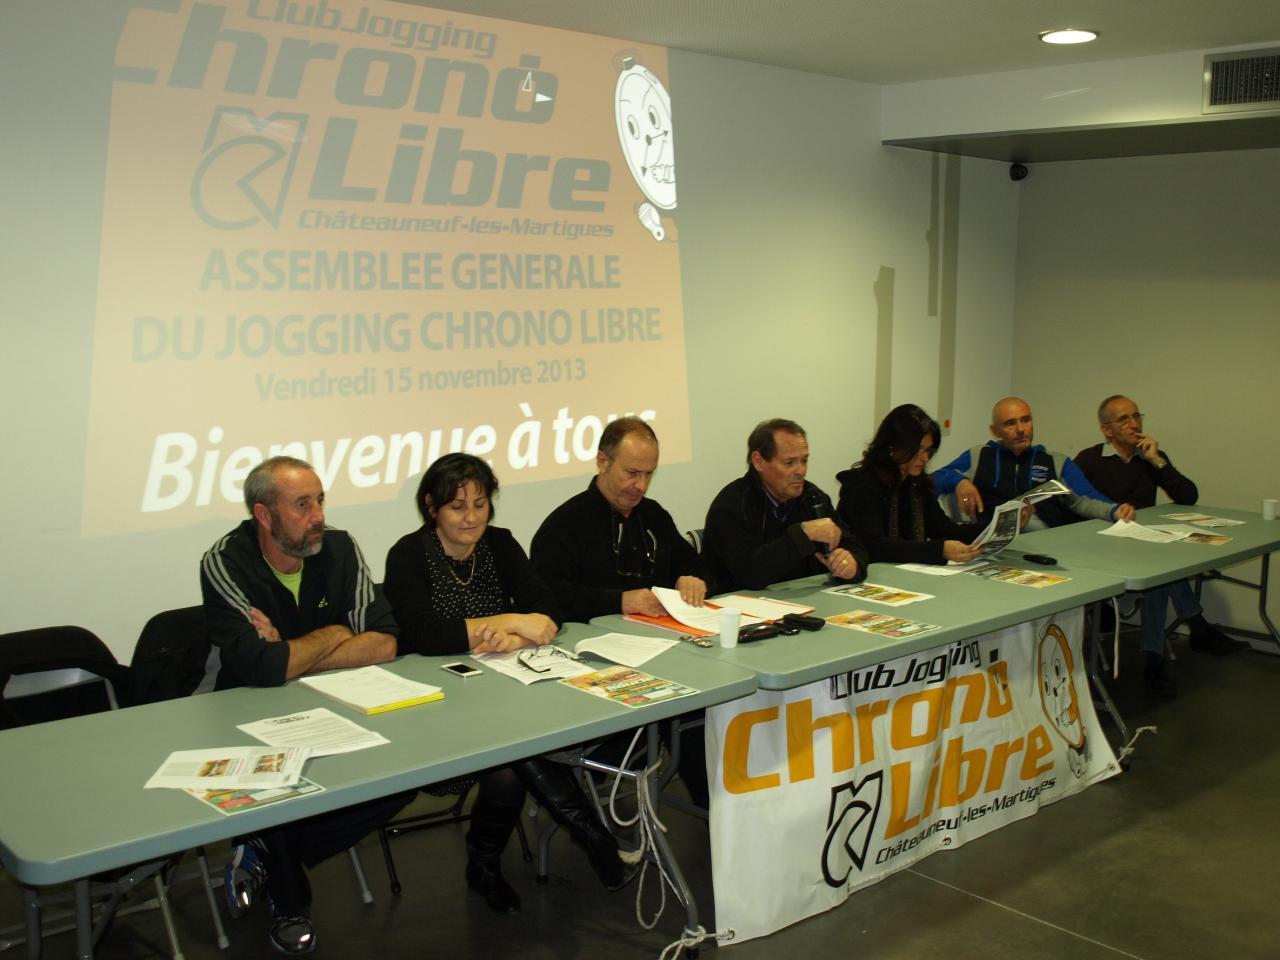 161120013 AG Chrono Libre (2)